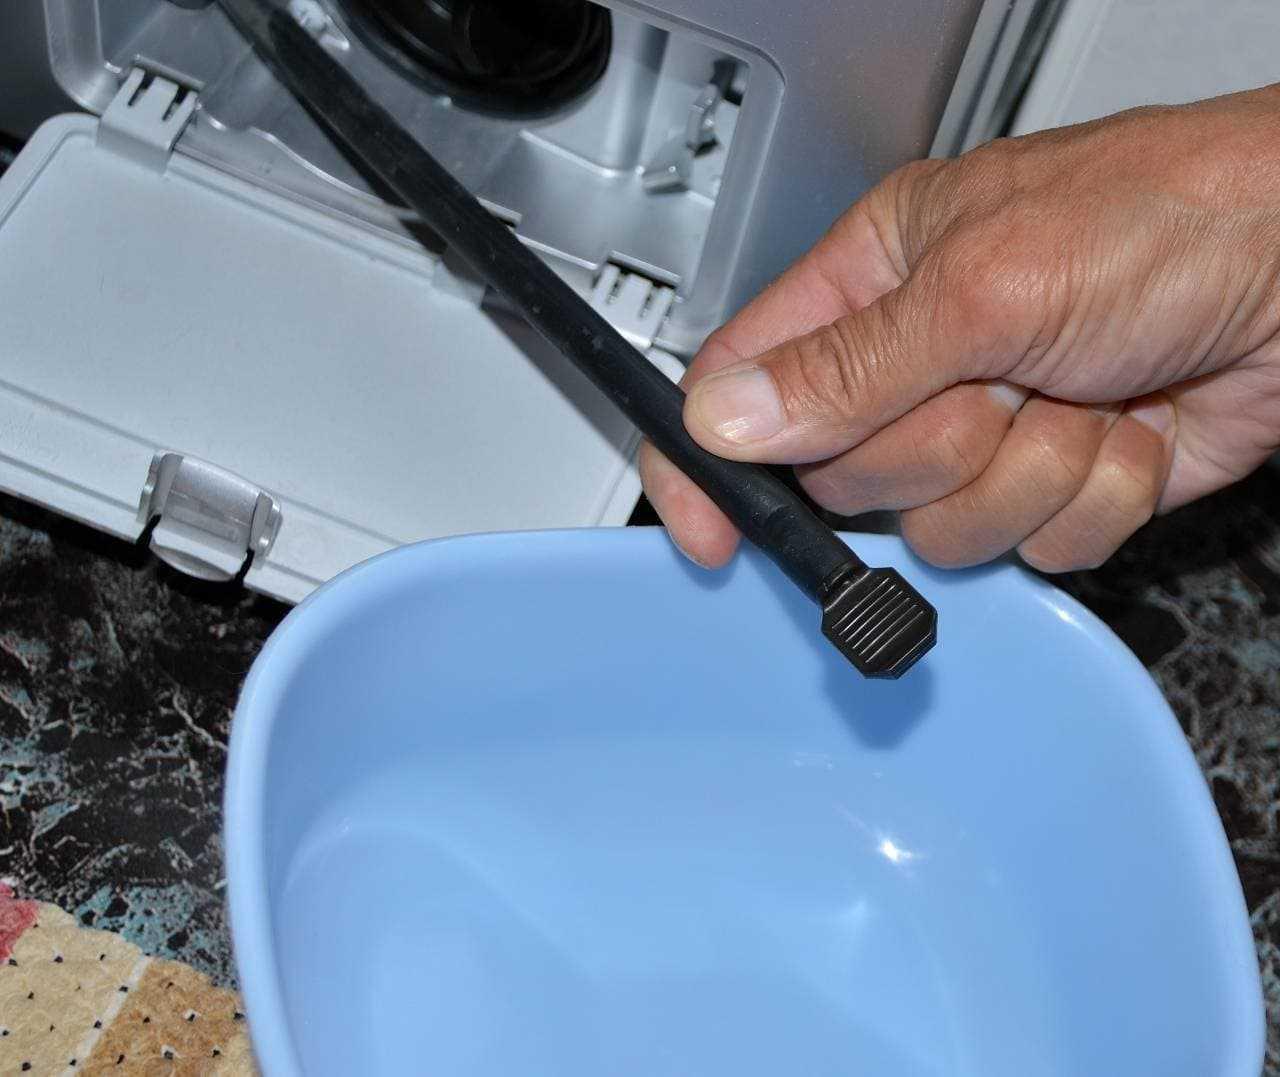 Как почистить фильтр в стиральной машине — по брендам indesit, lg